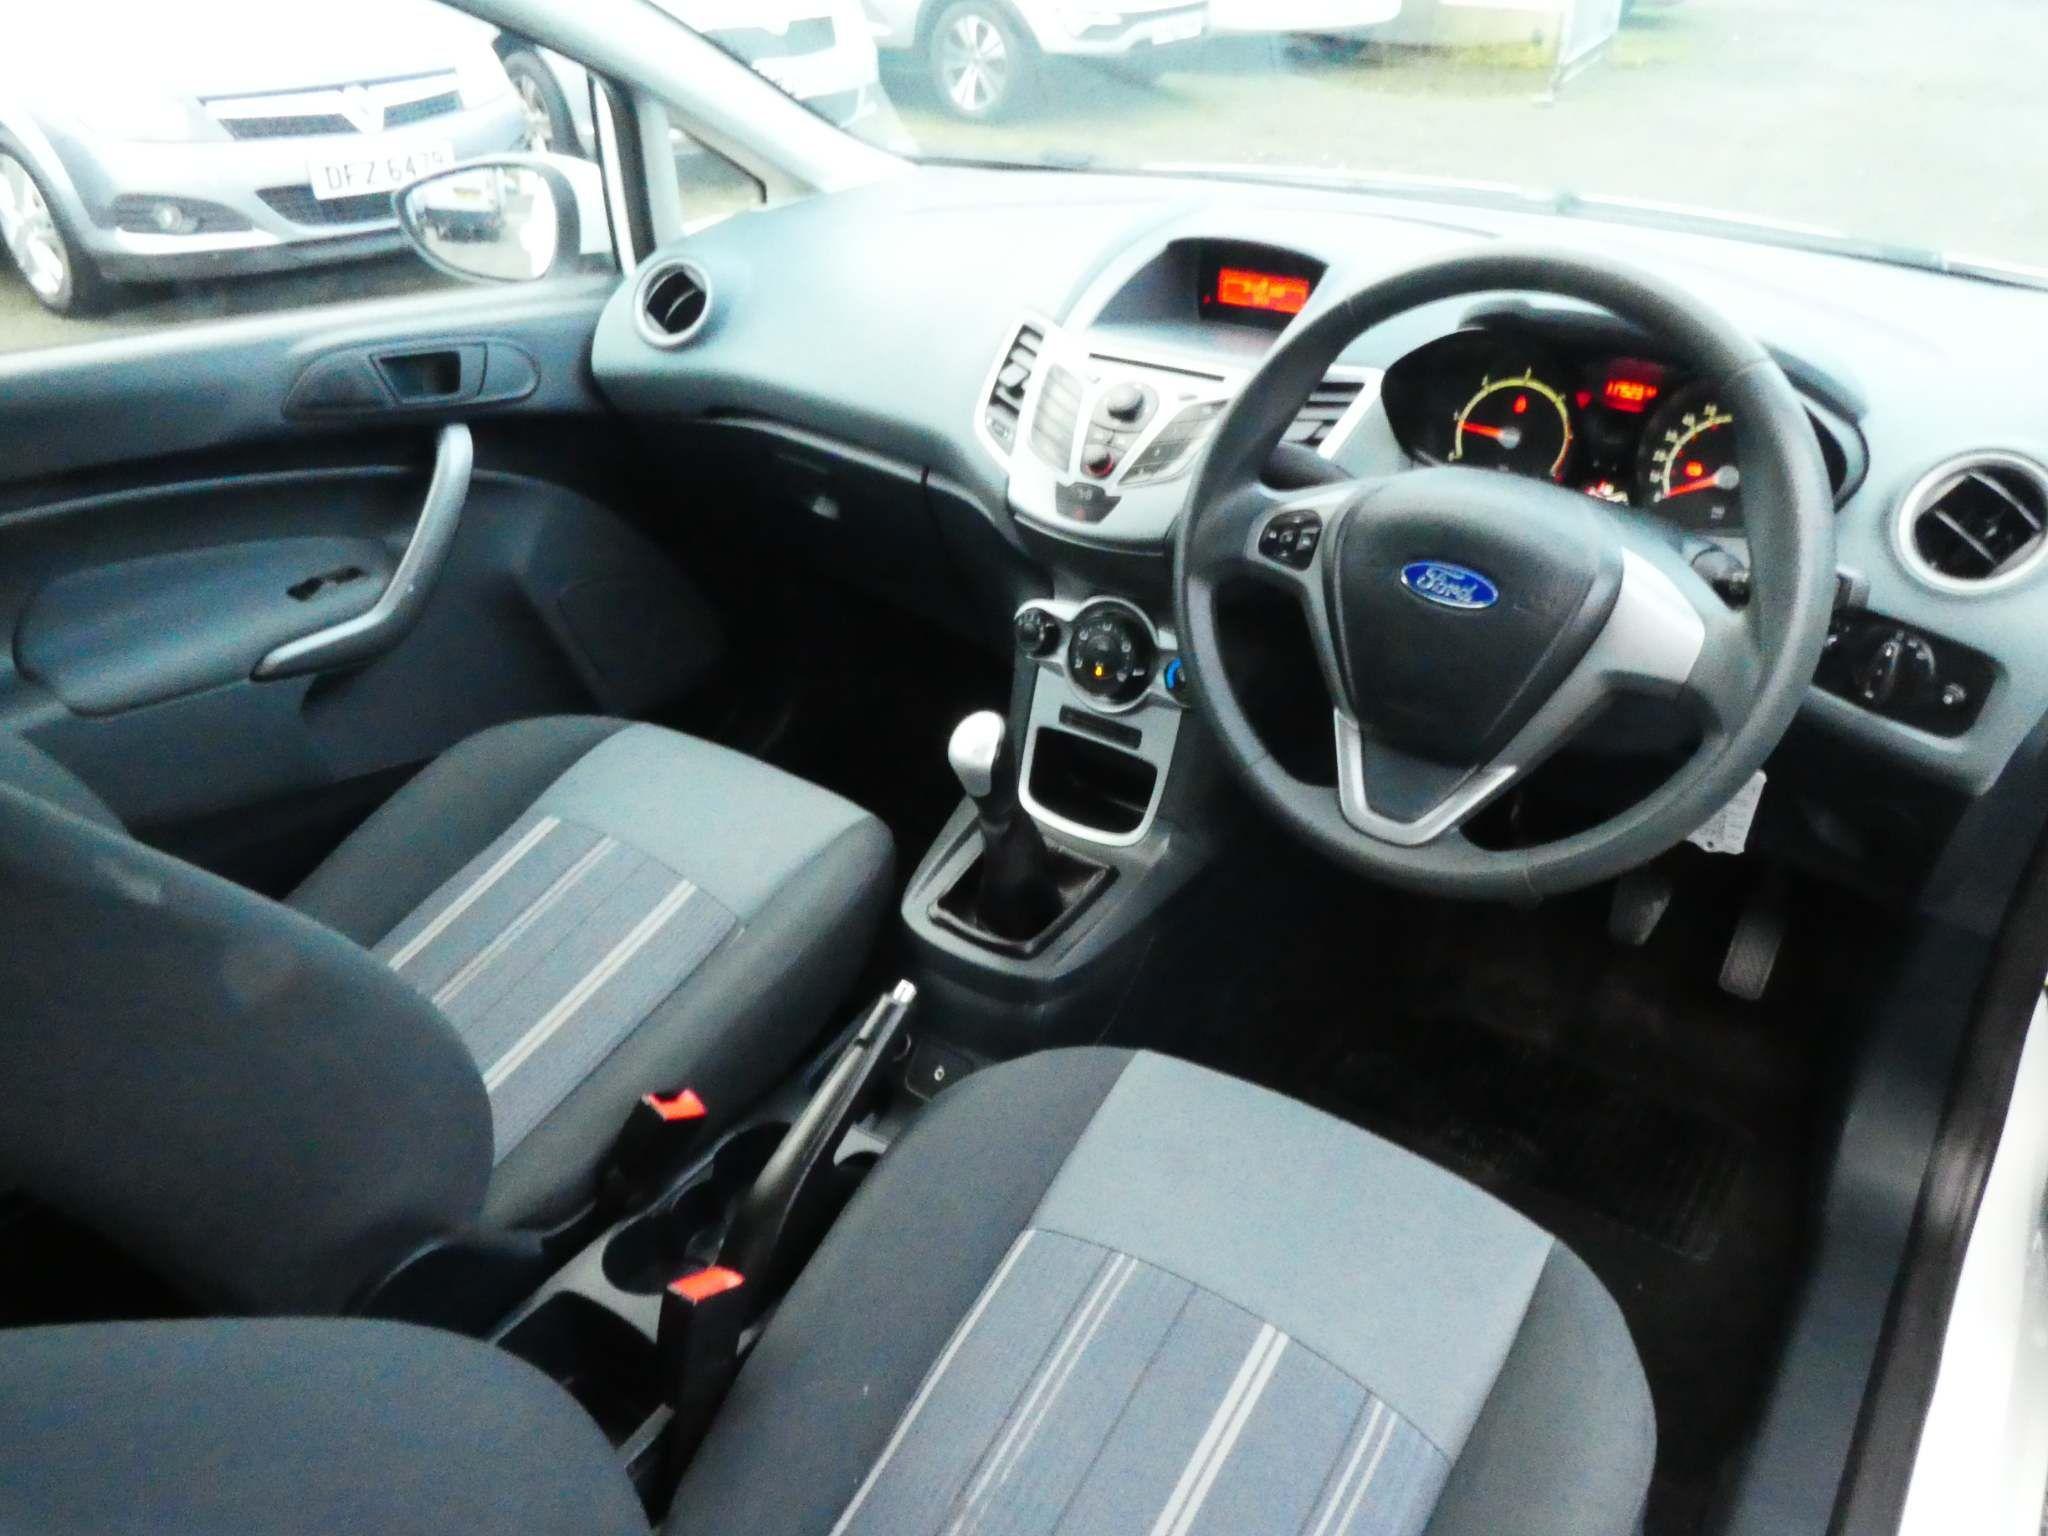 2009 FORD Fiesta 1.6 TDCi ECOnetic DPF Edge Diesel Manual free road tax model – FC Motors 52 Carntall Rd, Newtownabbey BT36 5SD full